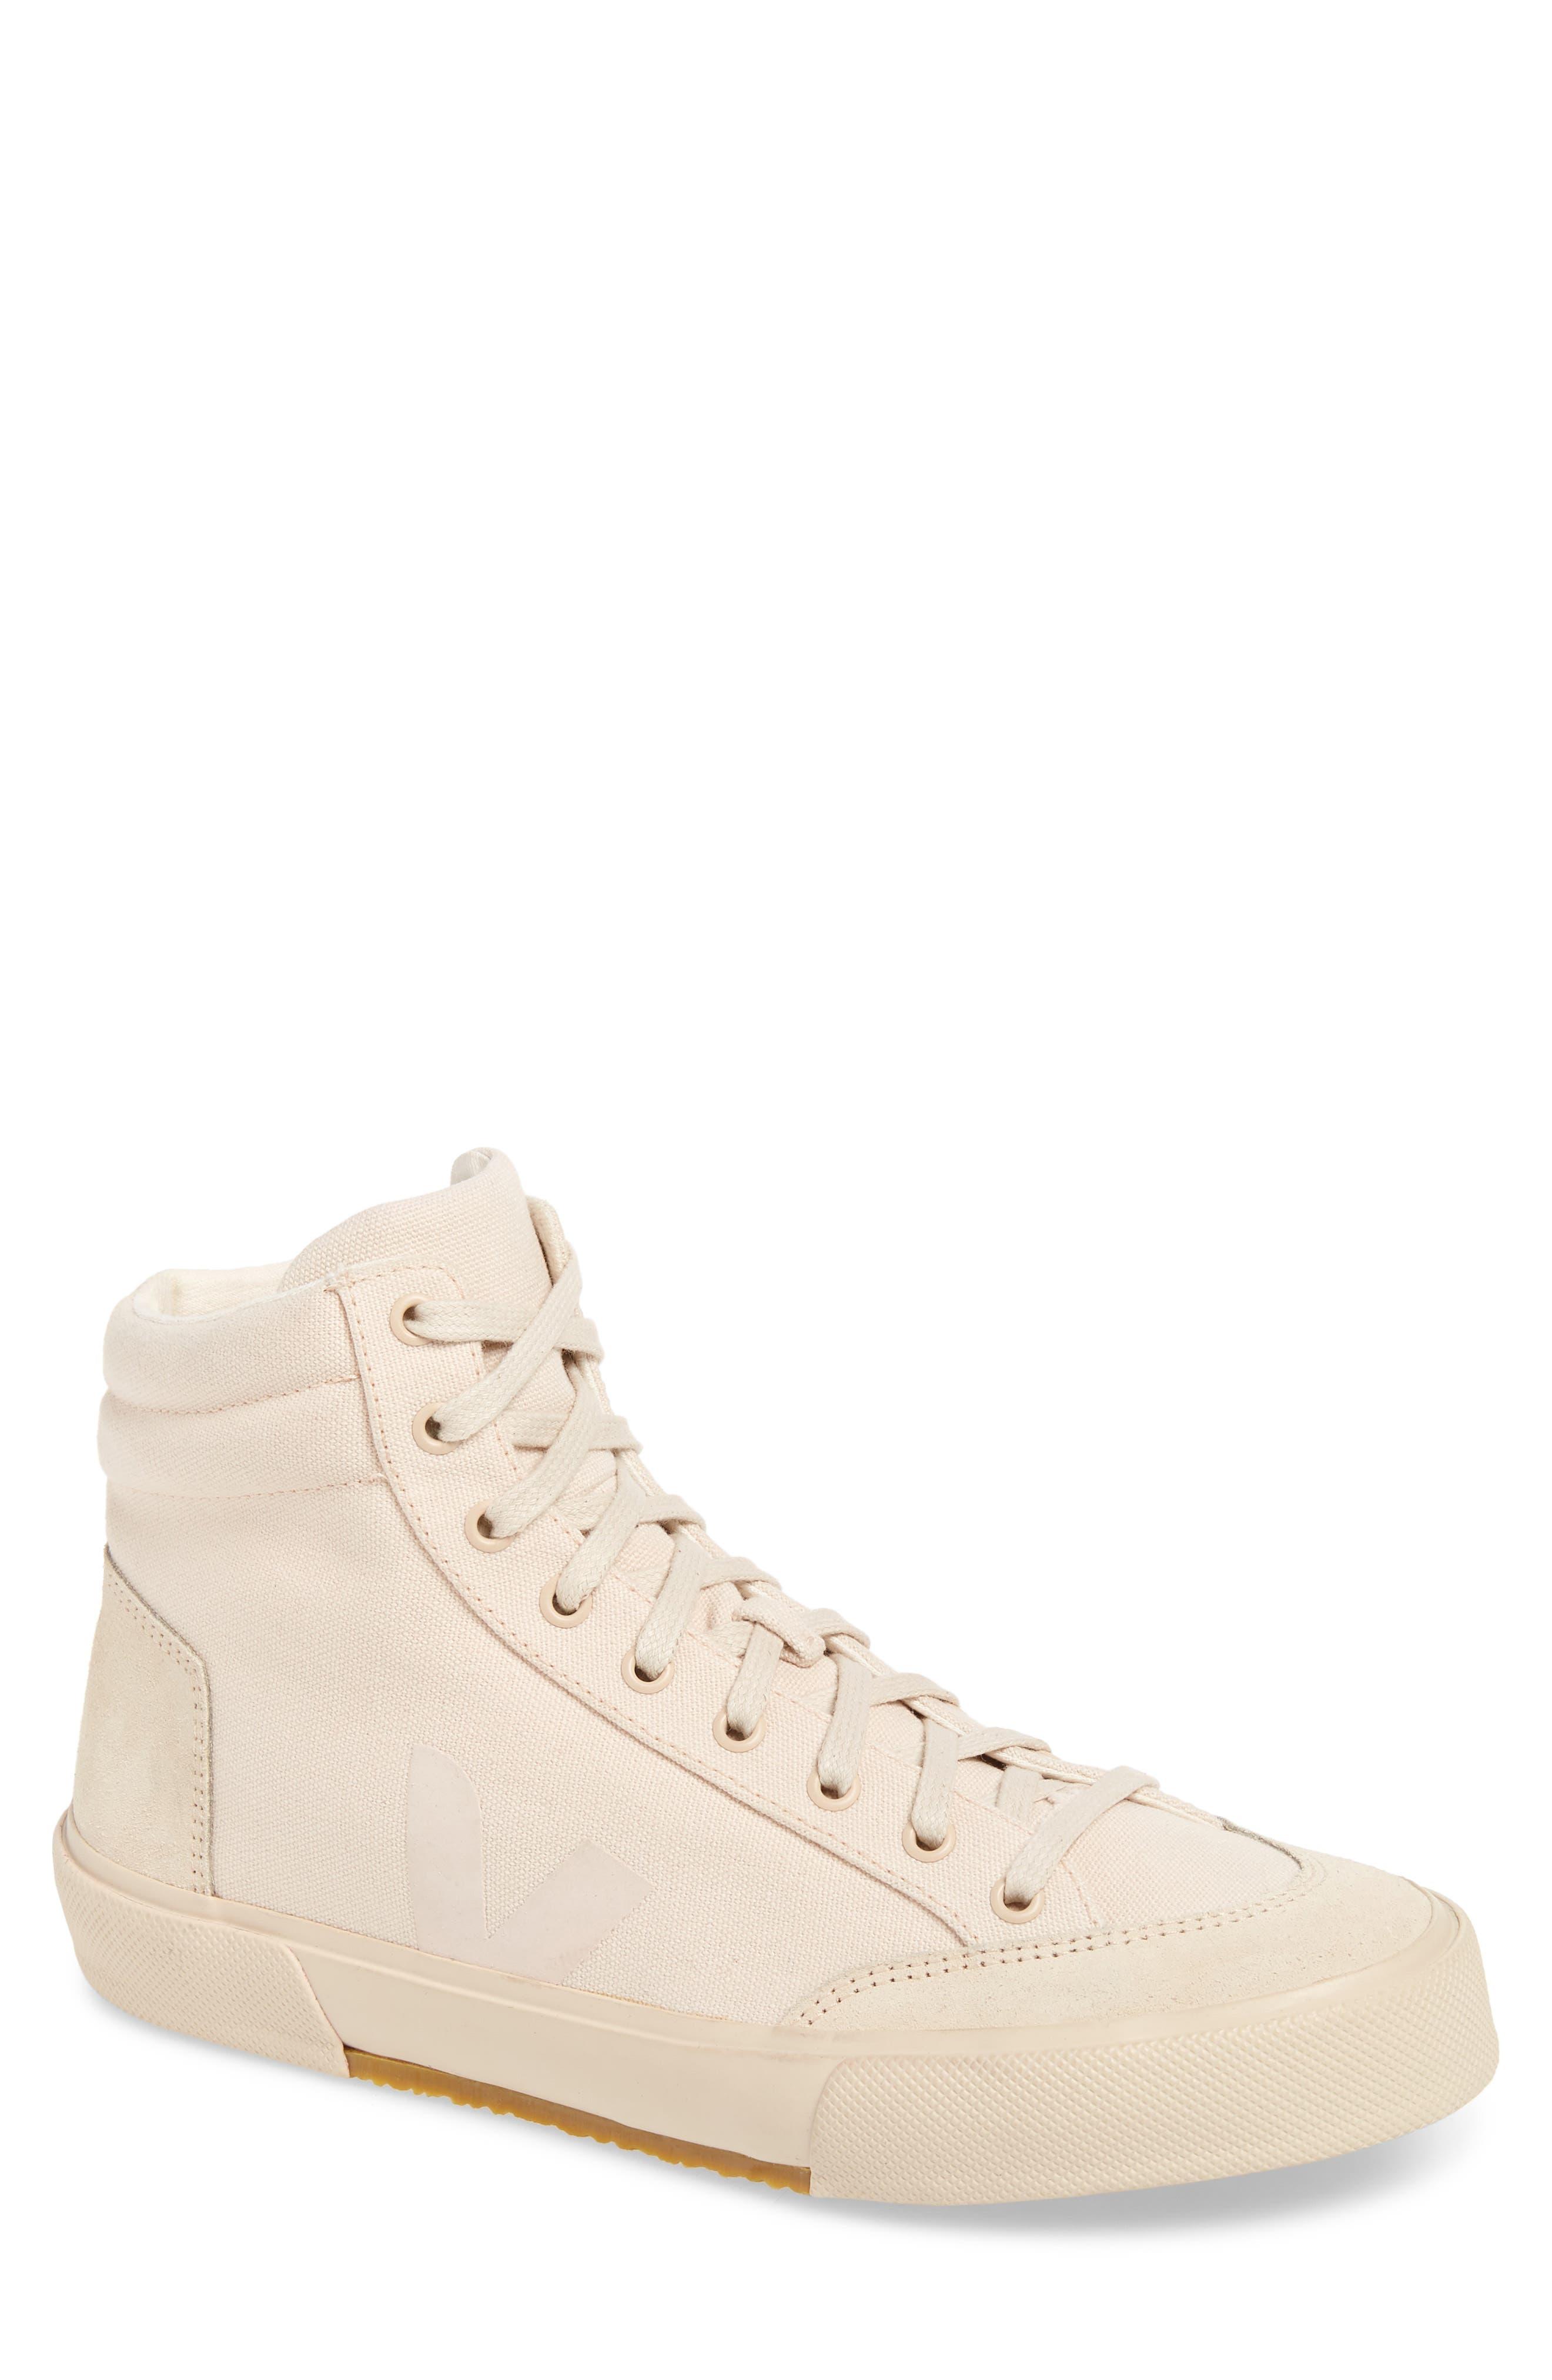 Veja X Lemaire Sneaker, Beige